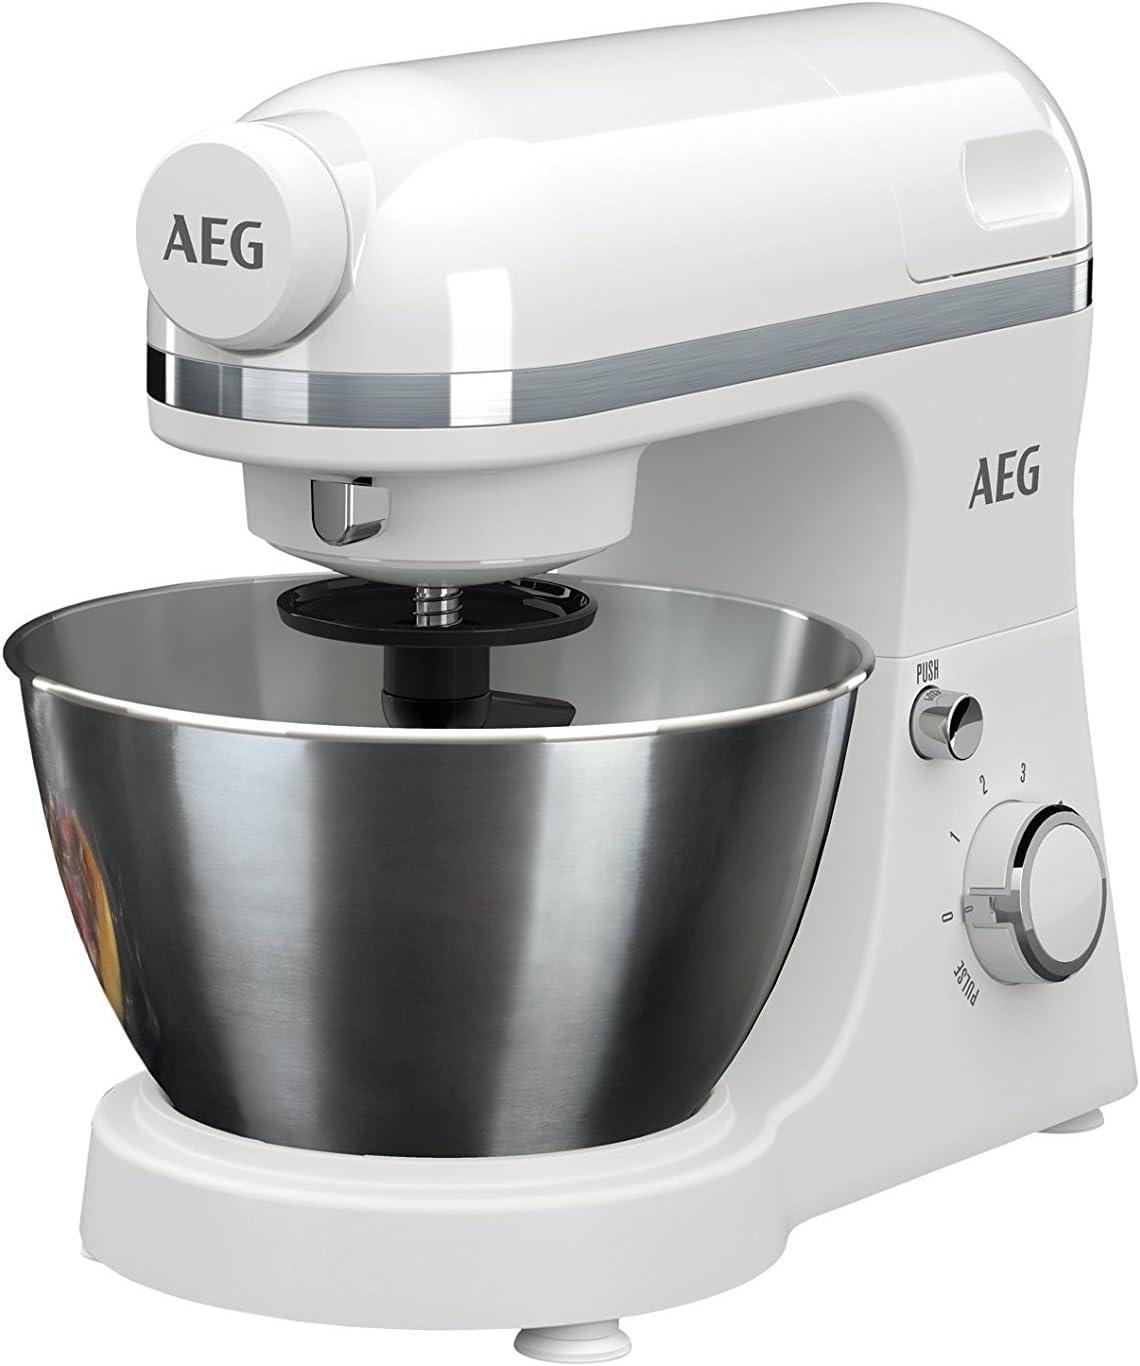 Robot de cocina Serie 3 de AEG, incluyeaccesorio de batidora Weiß ...